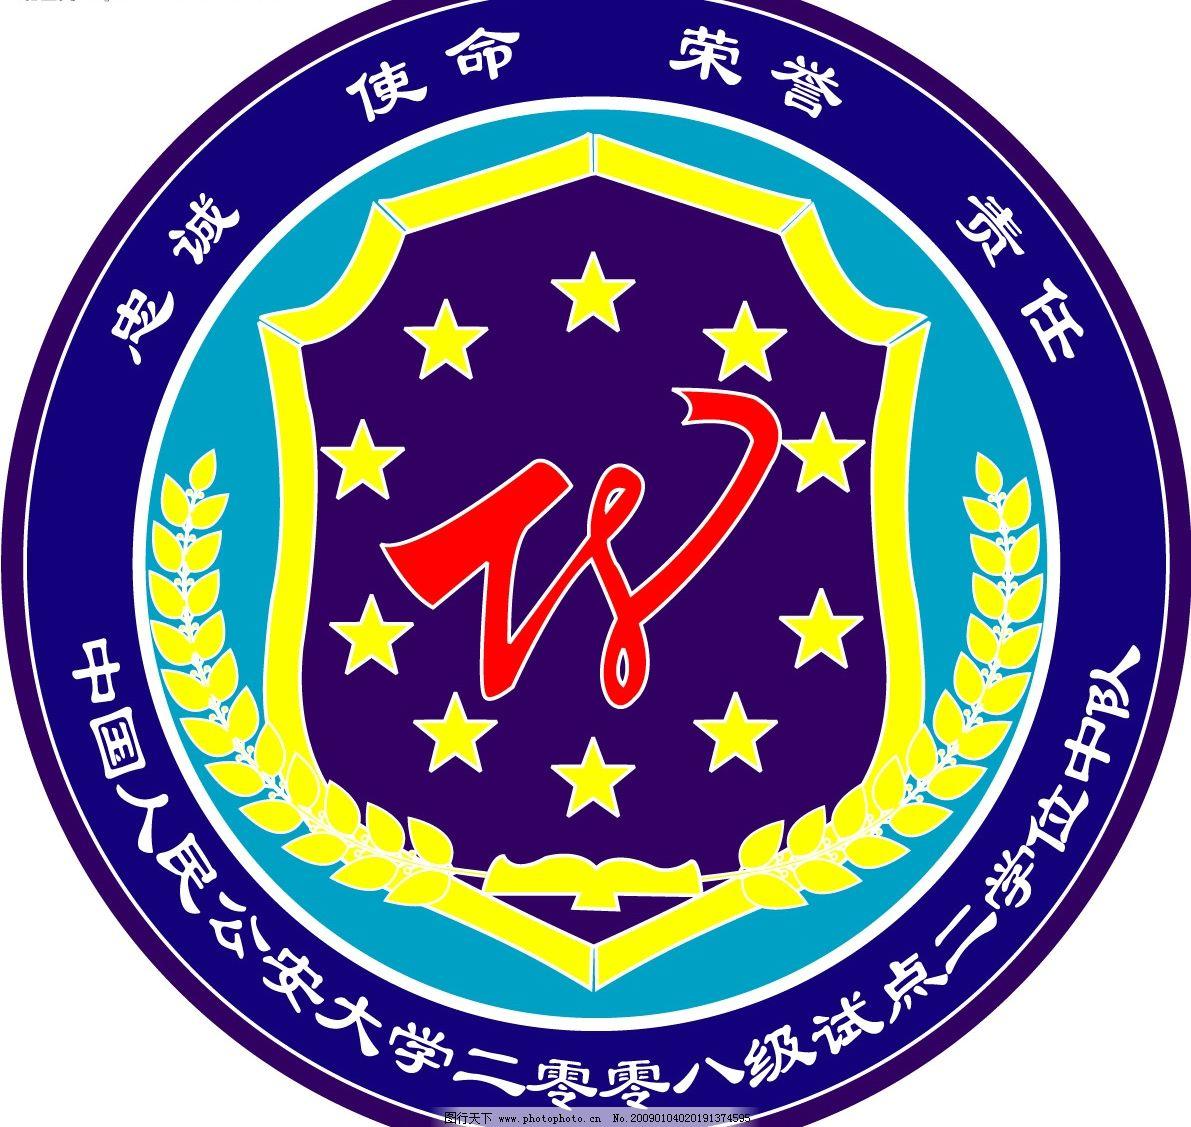 中国人民公安大学/中国人民公安大学图片